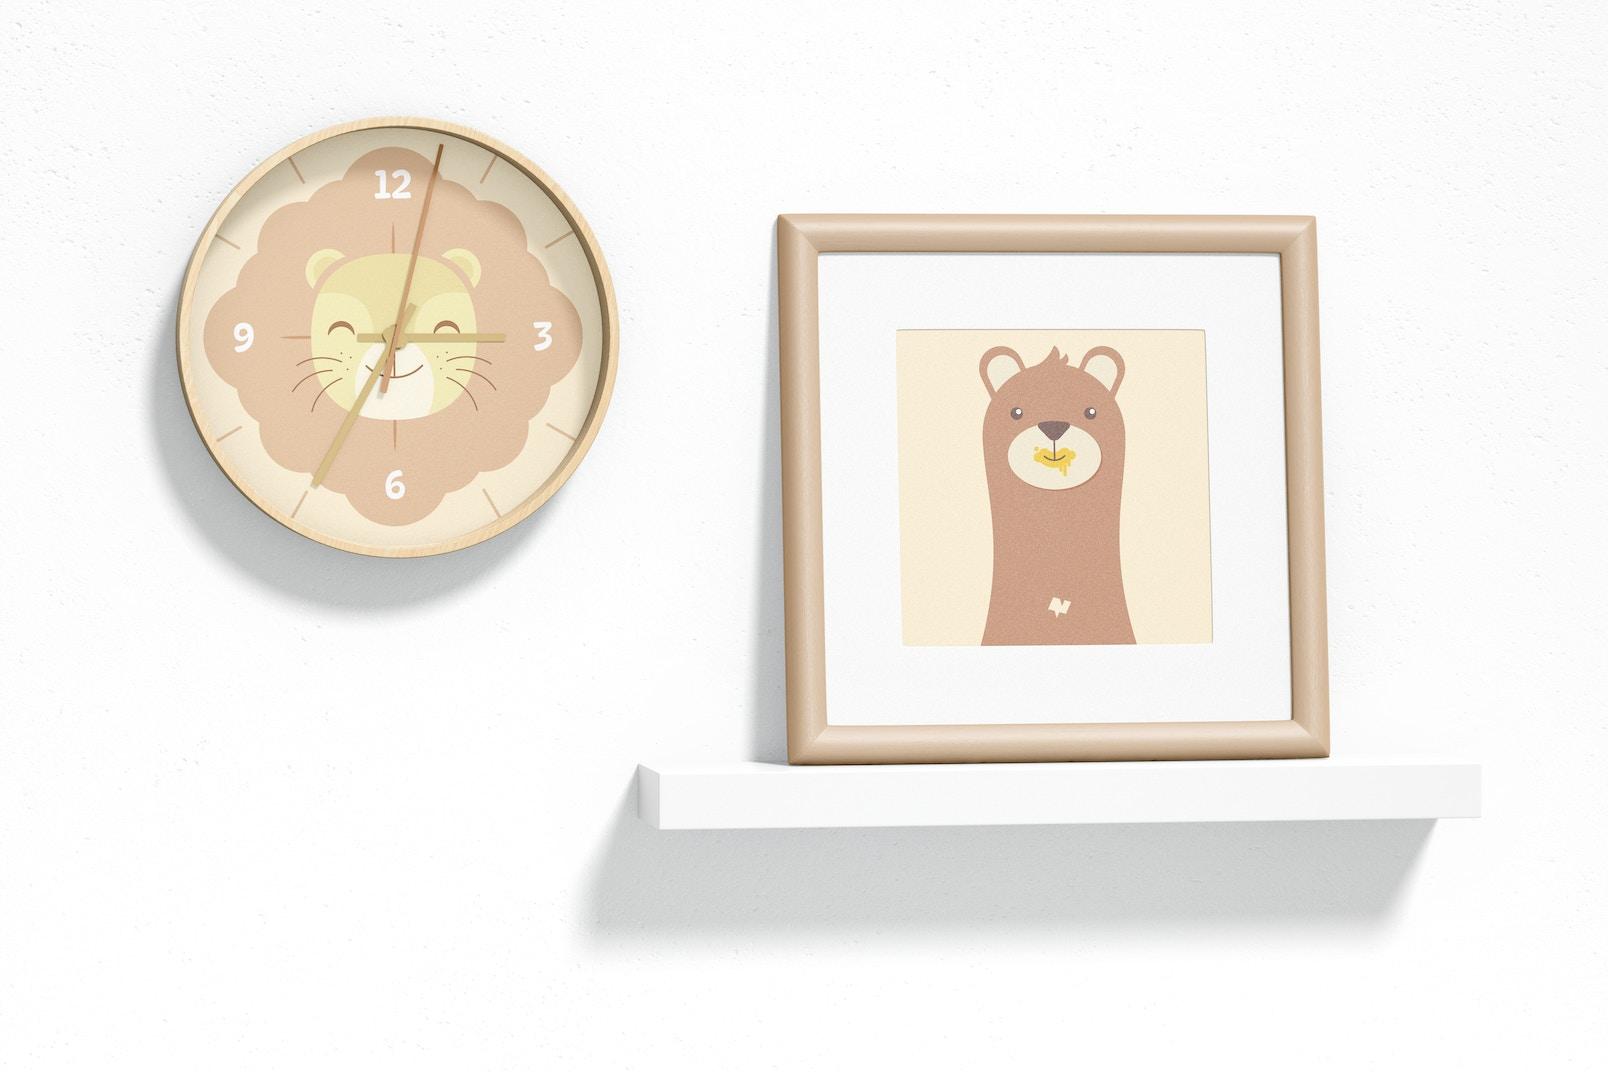 Wall Clock Mockup, Hanging